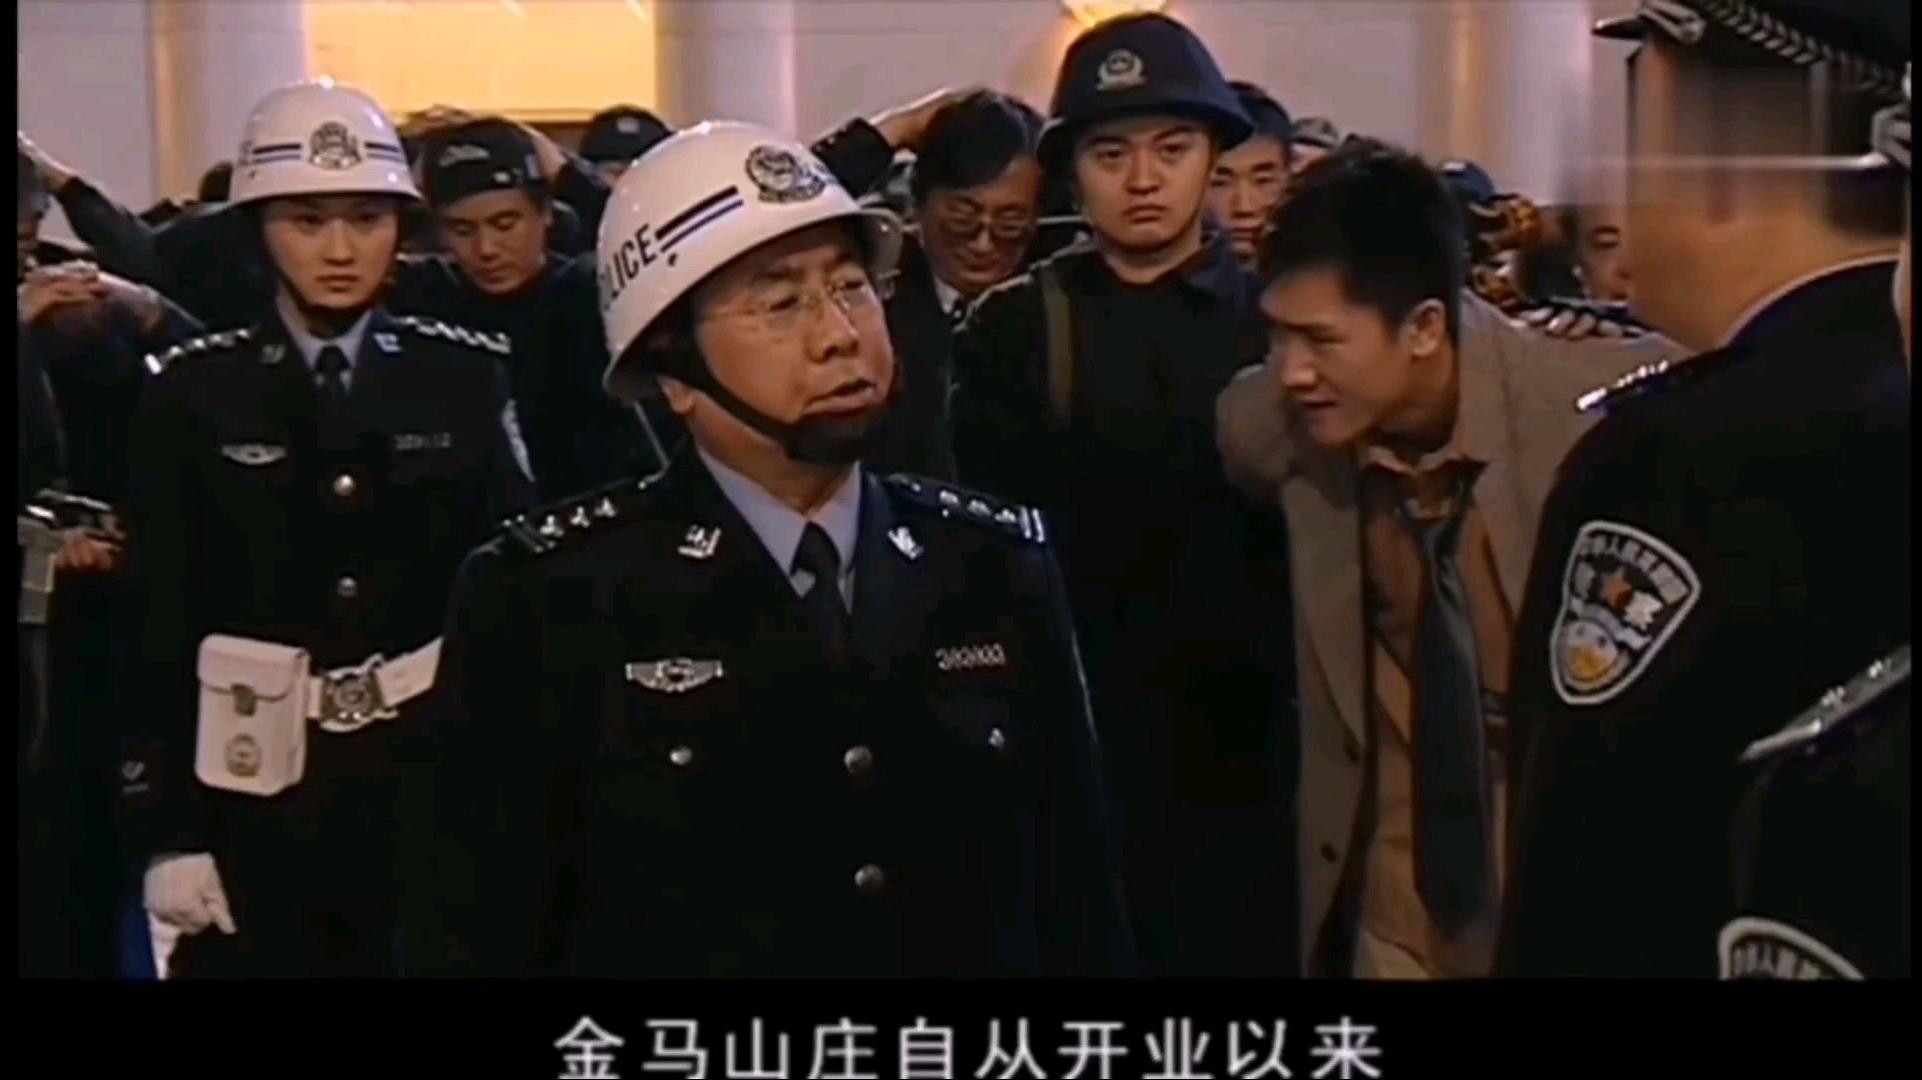 这是中华人民共和国的地方,容不得你撒野,扫黑必须要狠